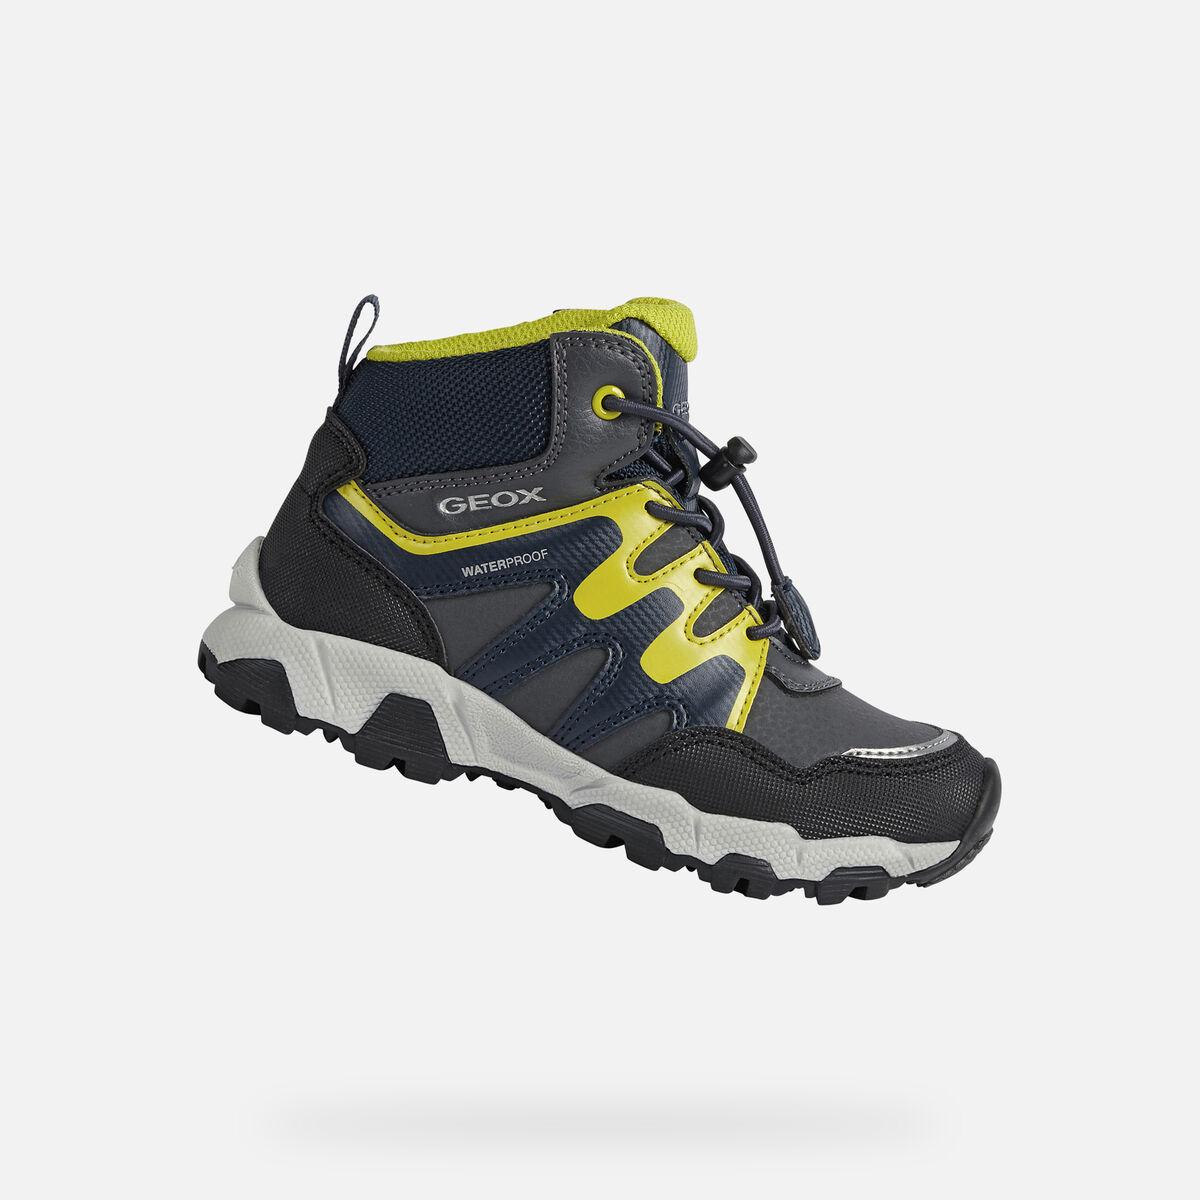 GEOX dětské kotníkové boty MAGNETAR BOY šedo - žluté - J164CA